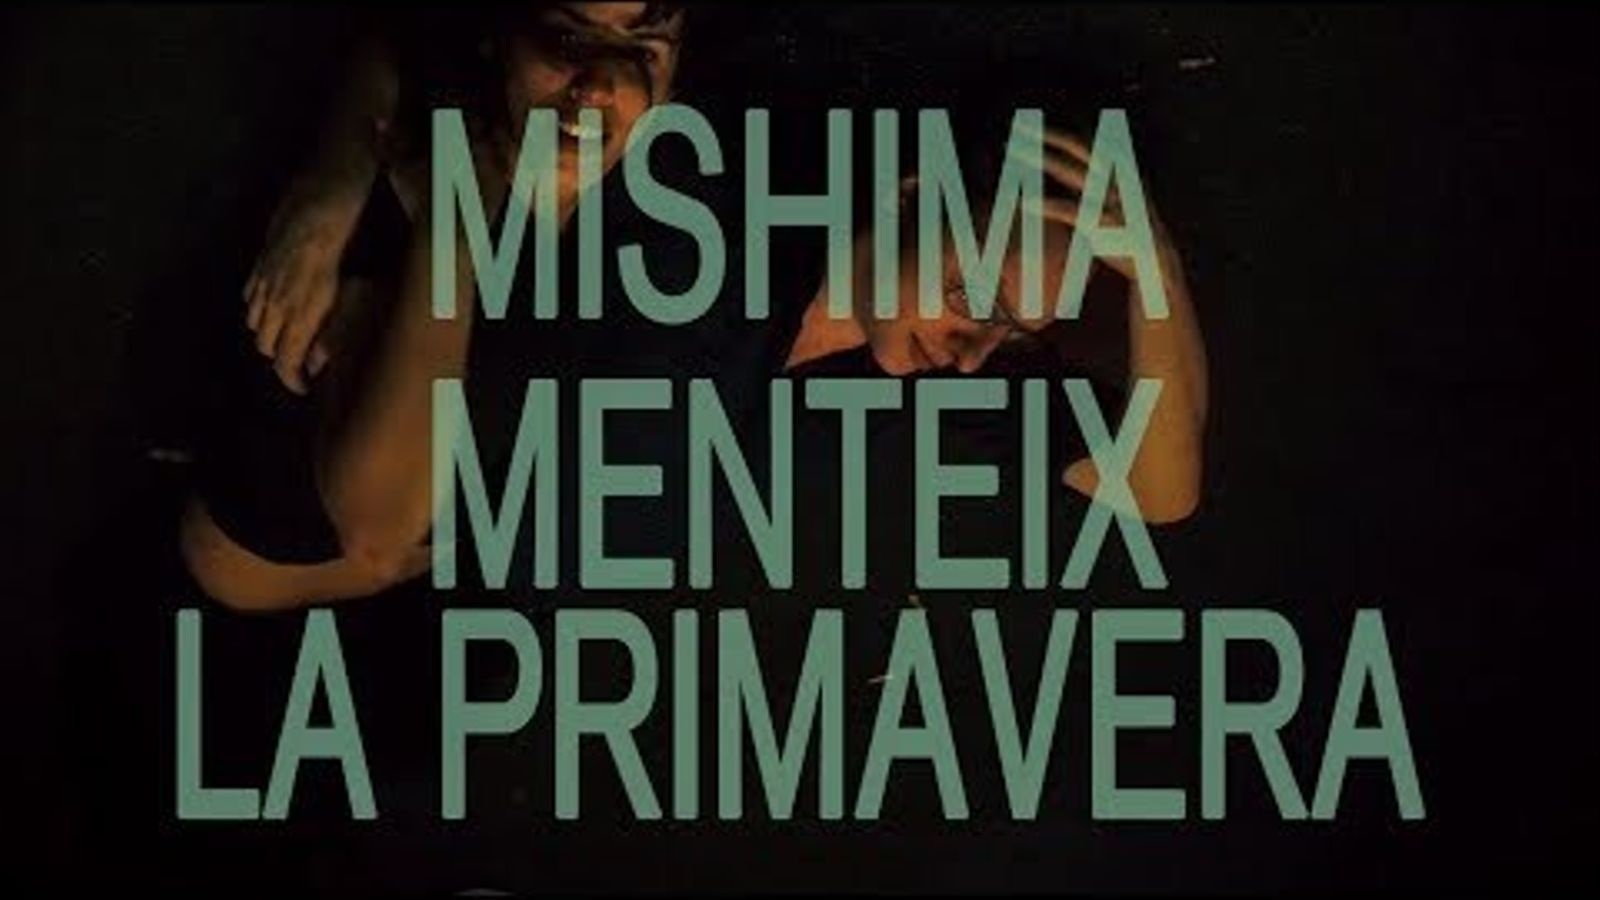 'Menteix la primavera',  de Mishima